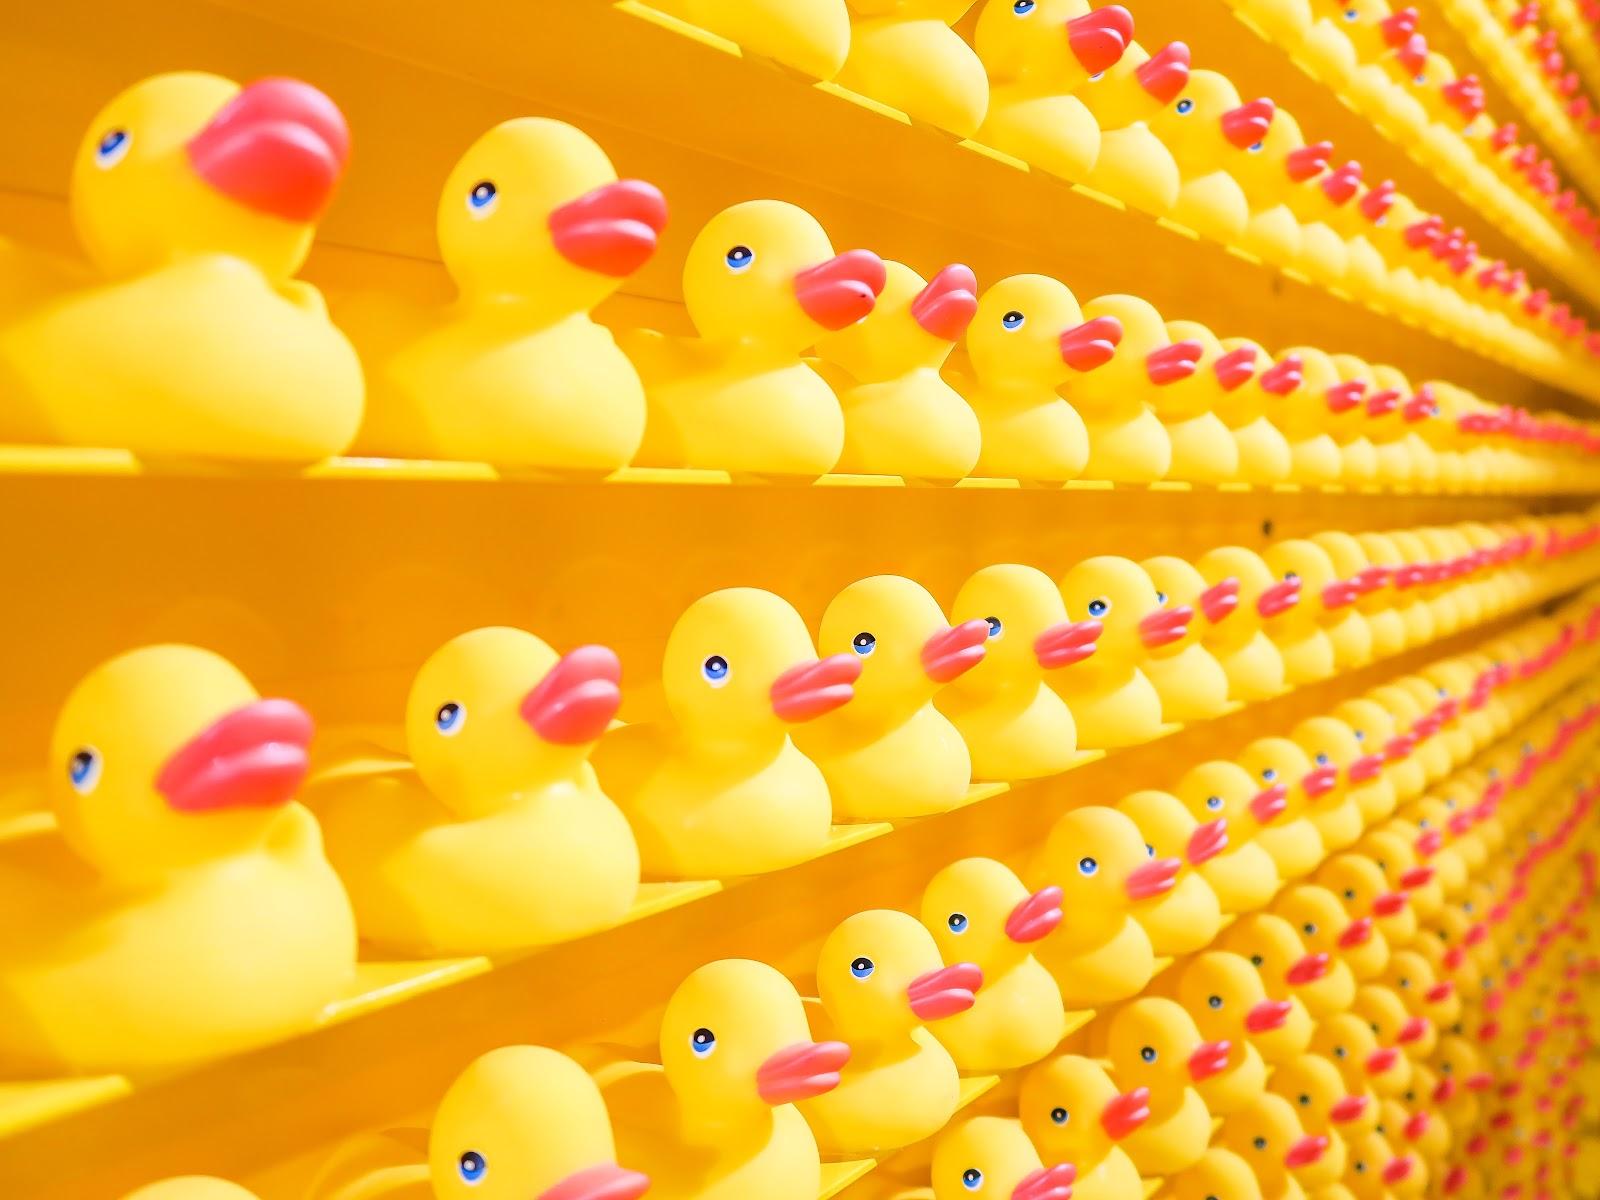 Rubber ducks in a row line a shelf.